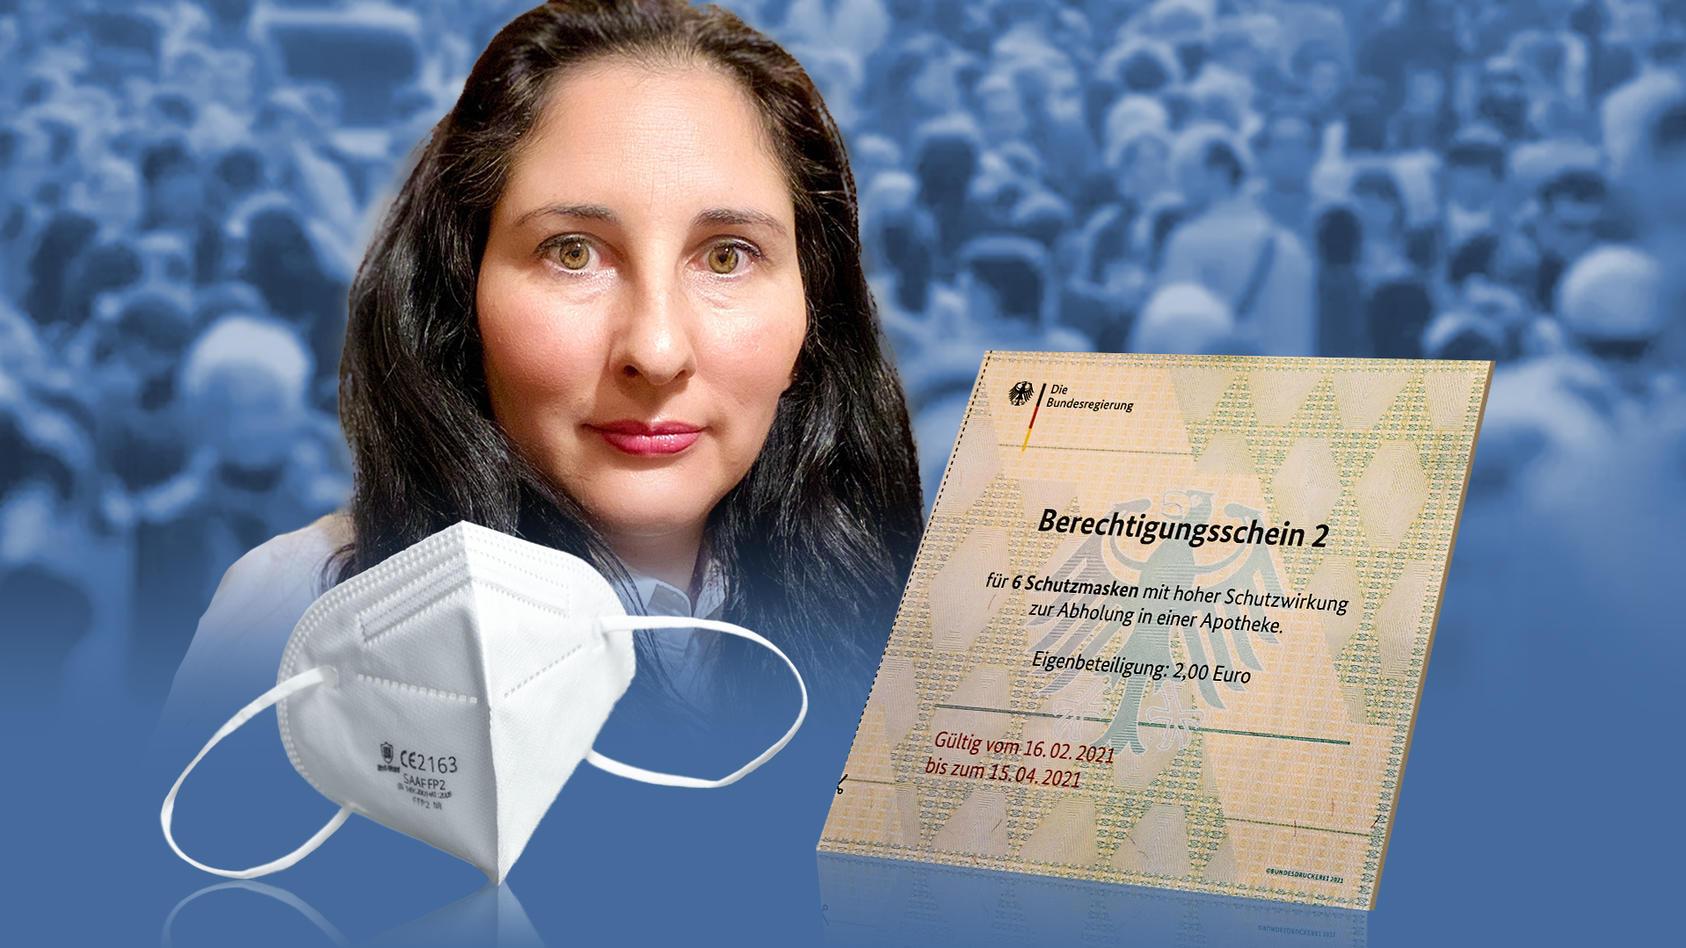 Die Bundesdruckerei hat fälschungssichere Berechtigungsscheine für FFP2-Masken an die deutschen Krankenkassen verschickt - aber wirklich nur an berechtigte Personen?